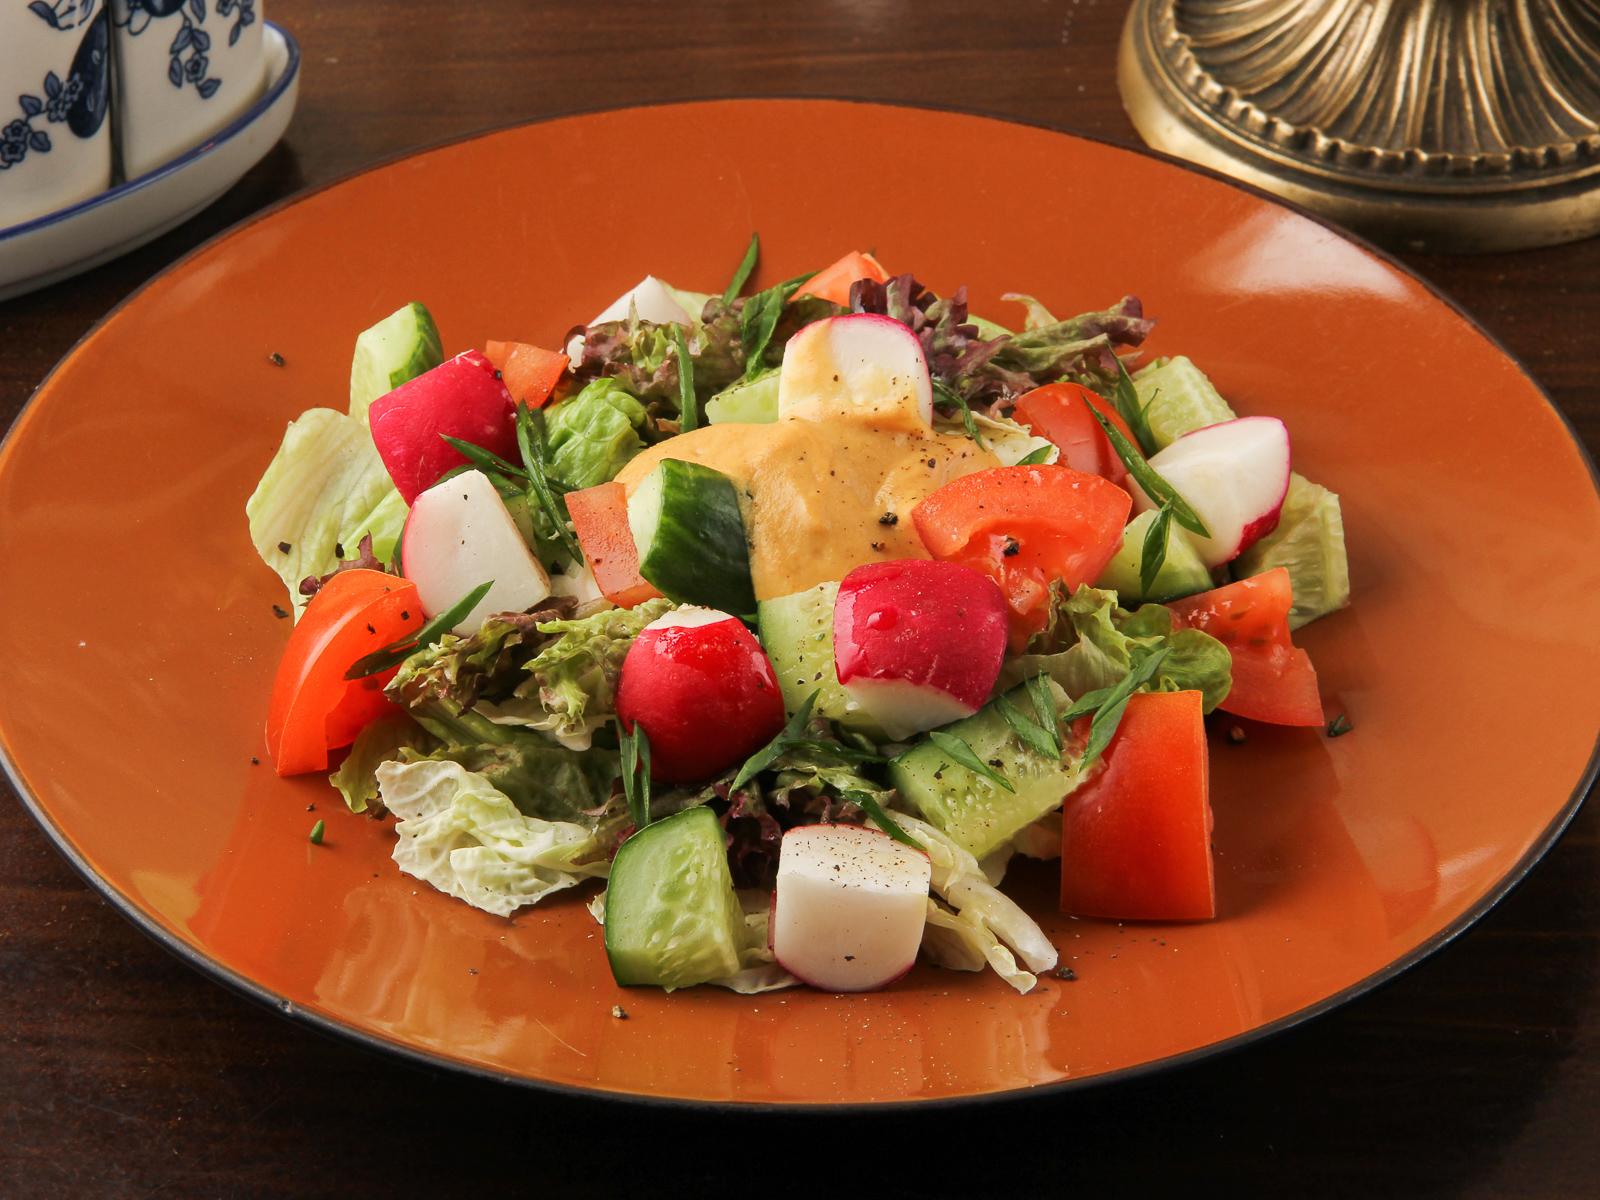 Салат из деревенских овощей с пикантной заправкой